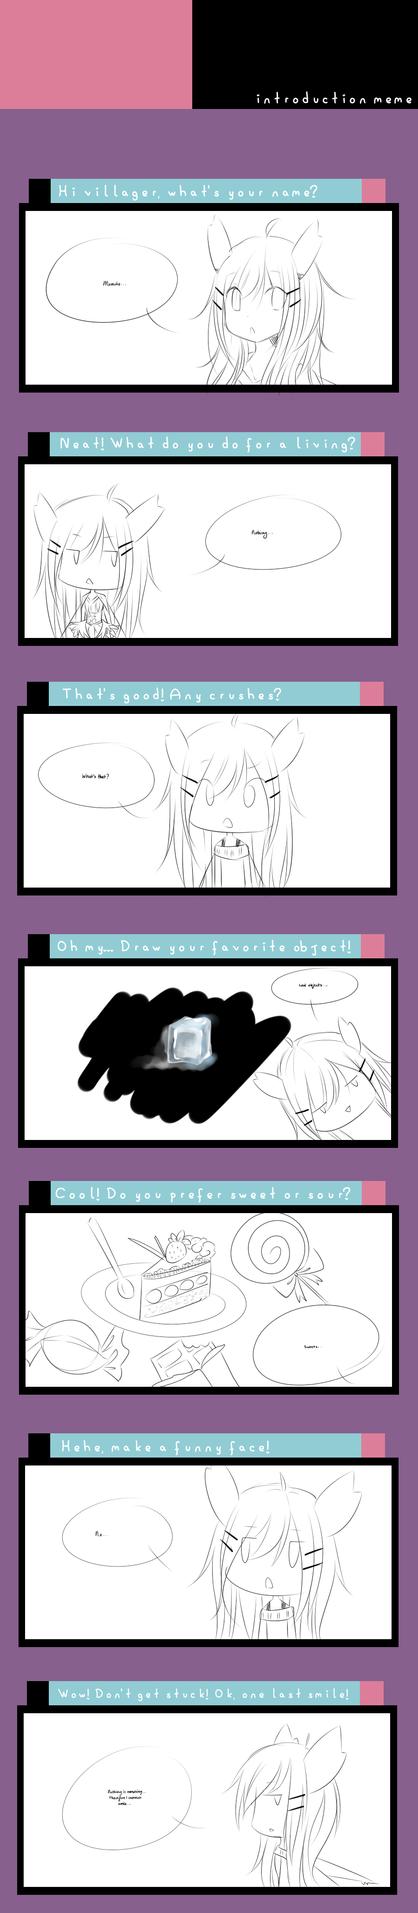 Introduction Meme by Jojuki-chan